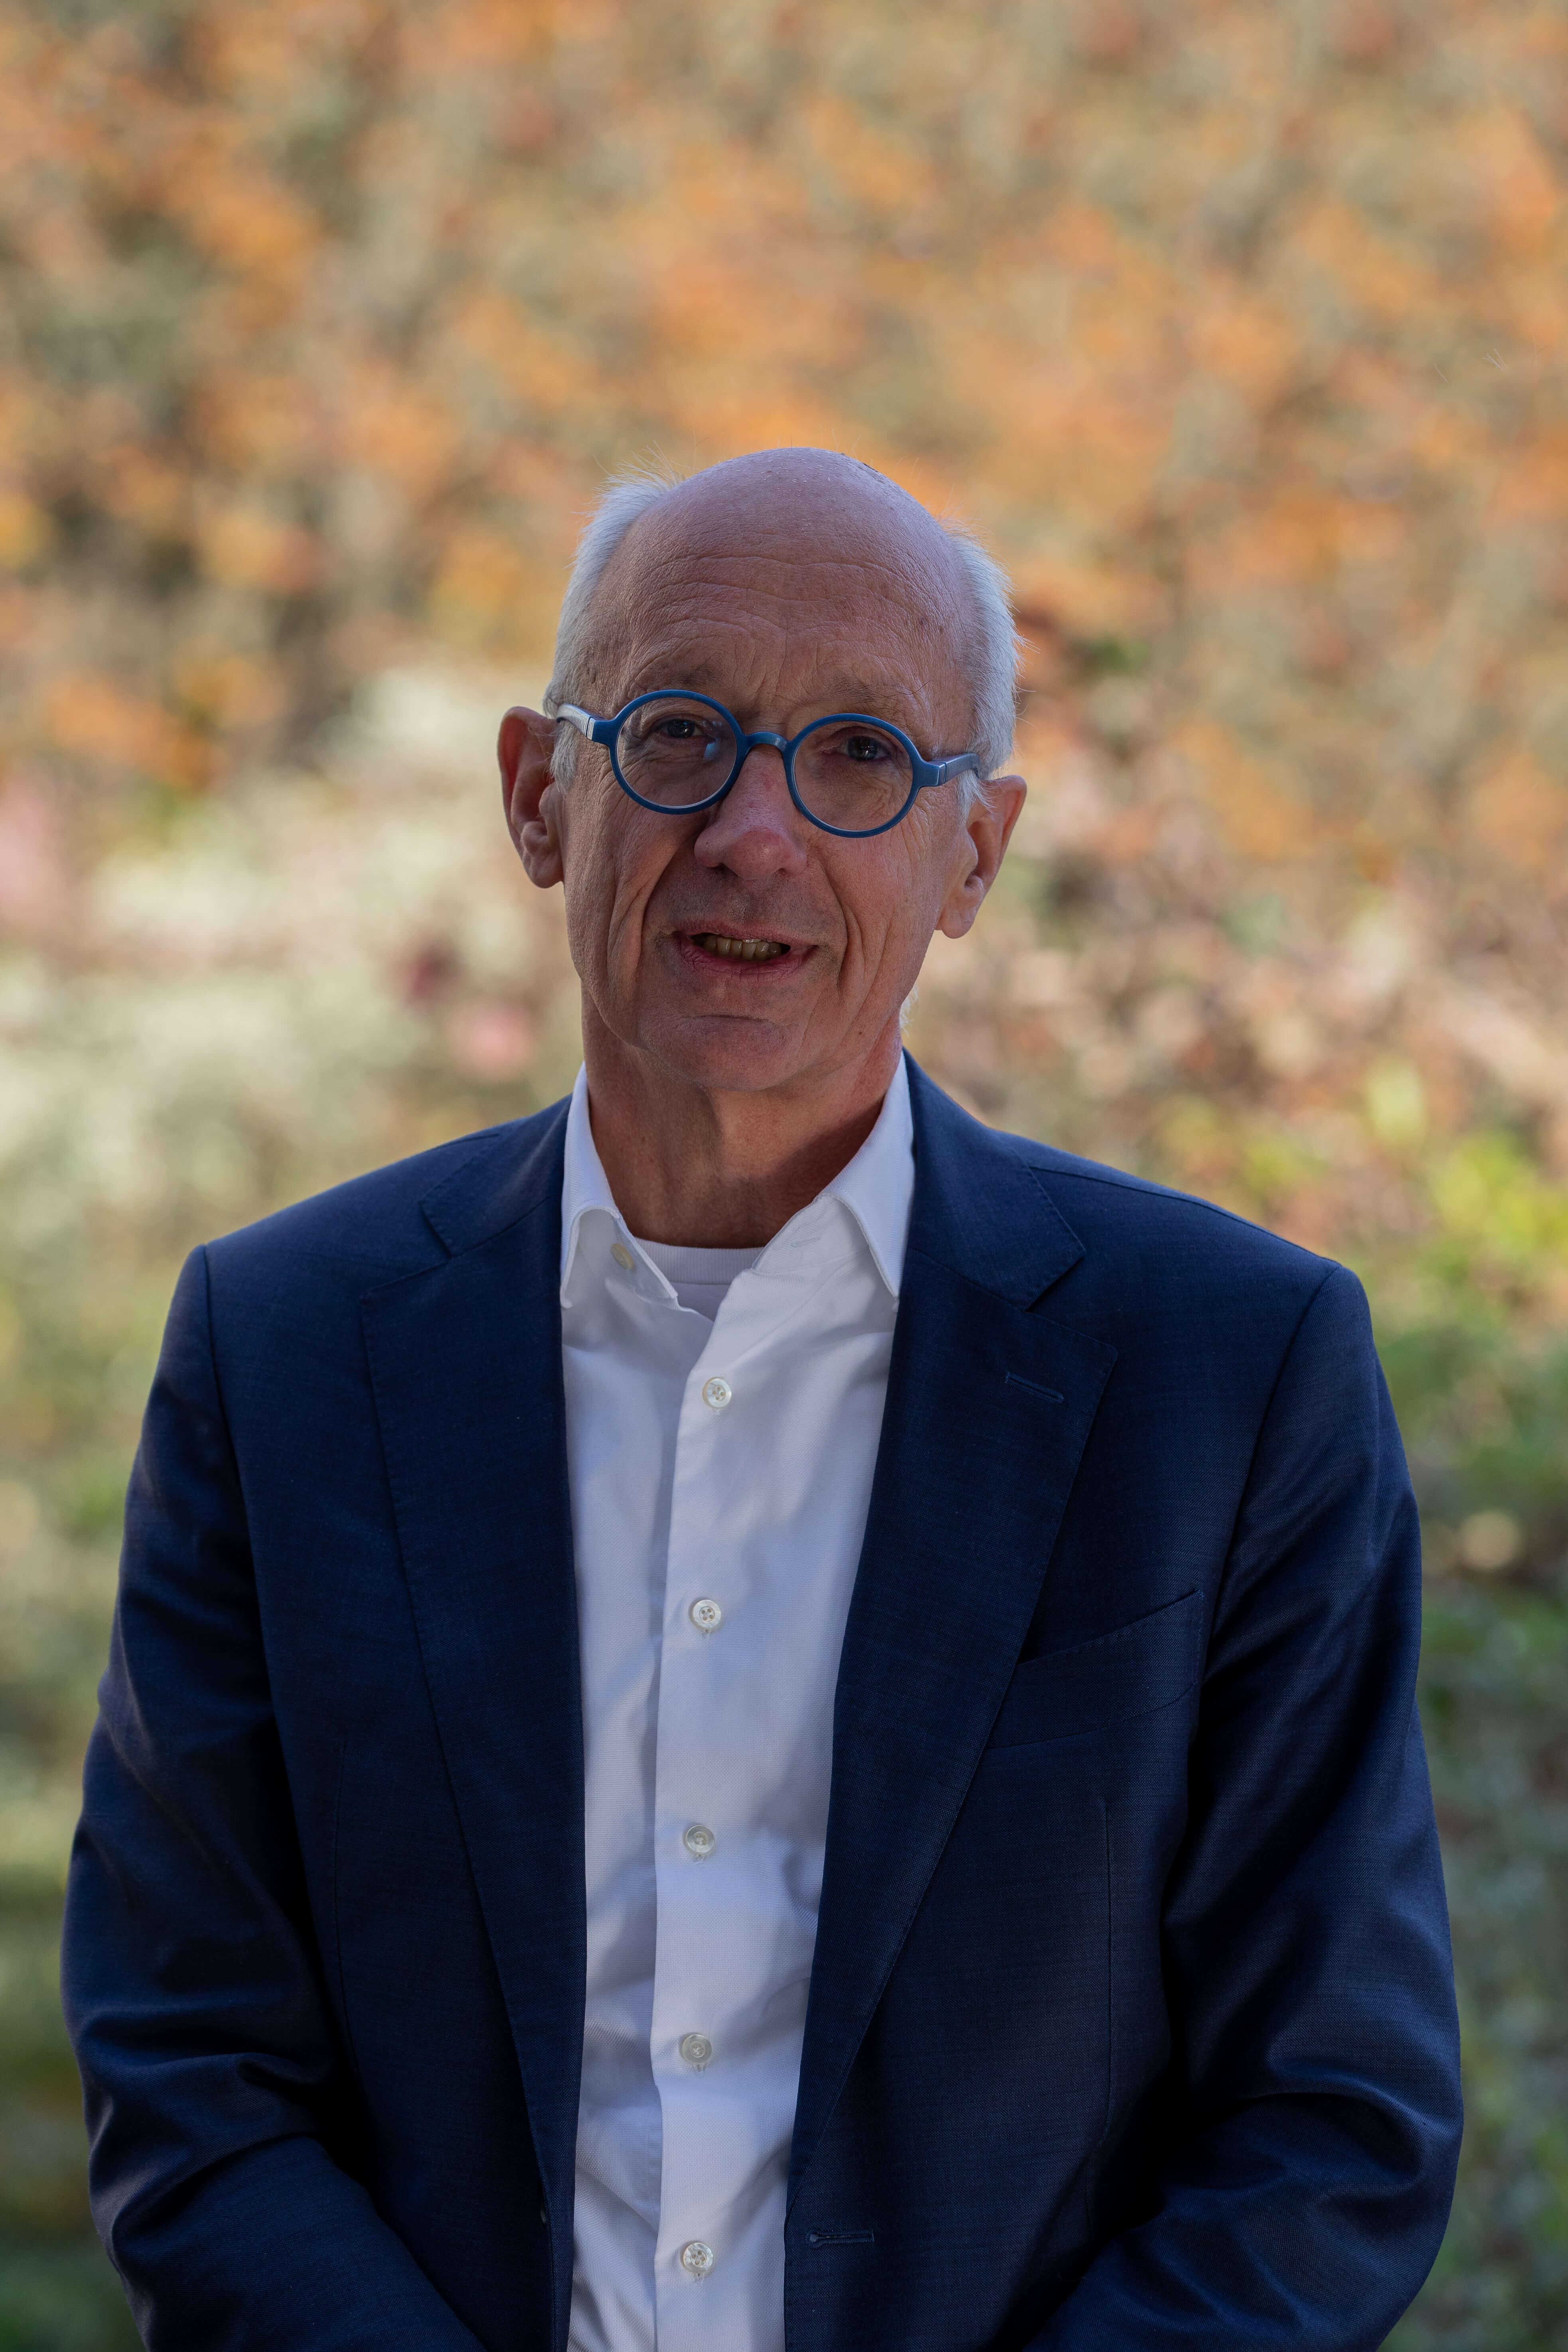 Victor Rutgers